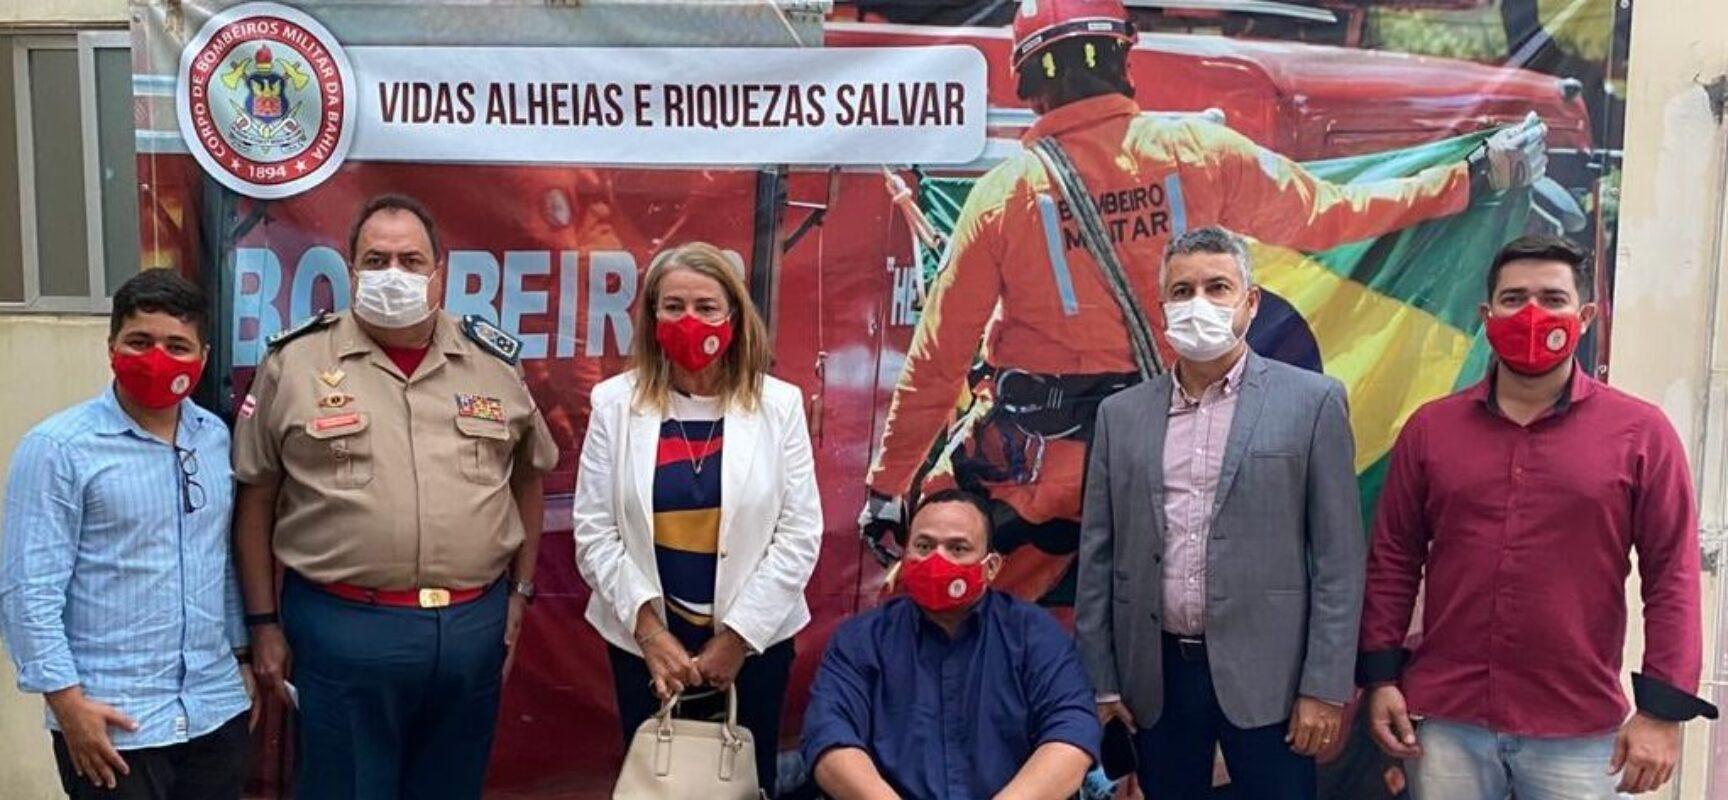 Fabíola agradece ao governo por reforço de oxigênio e ambulância UTI para região Centro-Norte